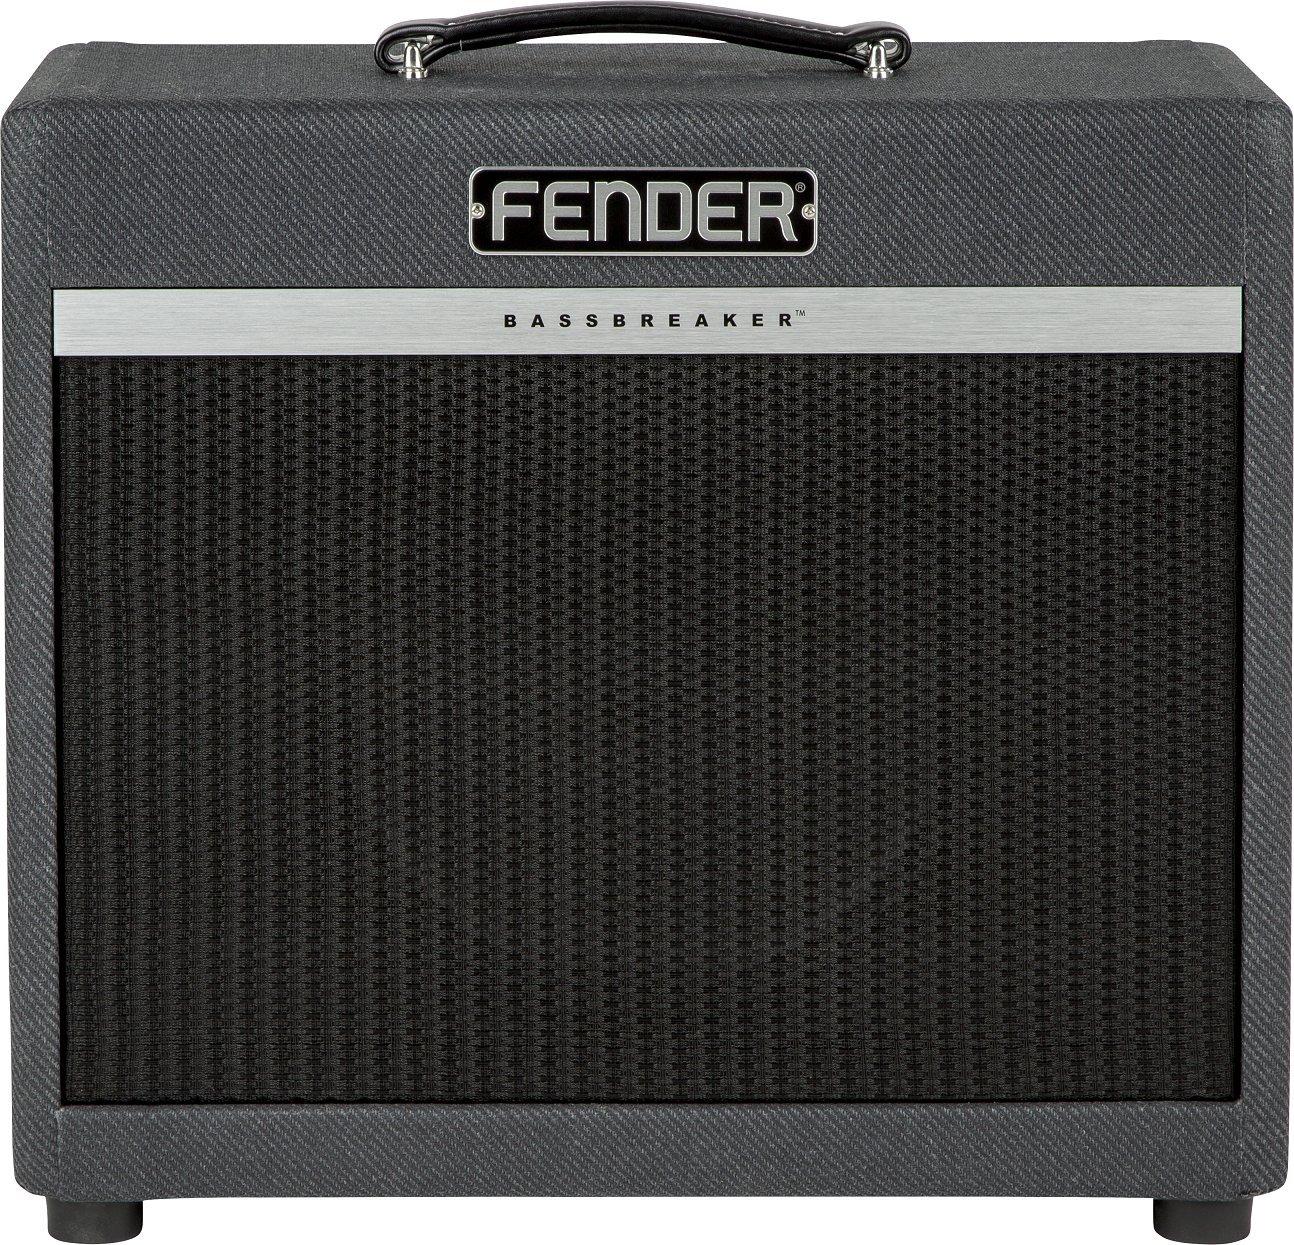 Bassbreaker BB-112 Enclosure Fender 2267000000